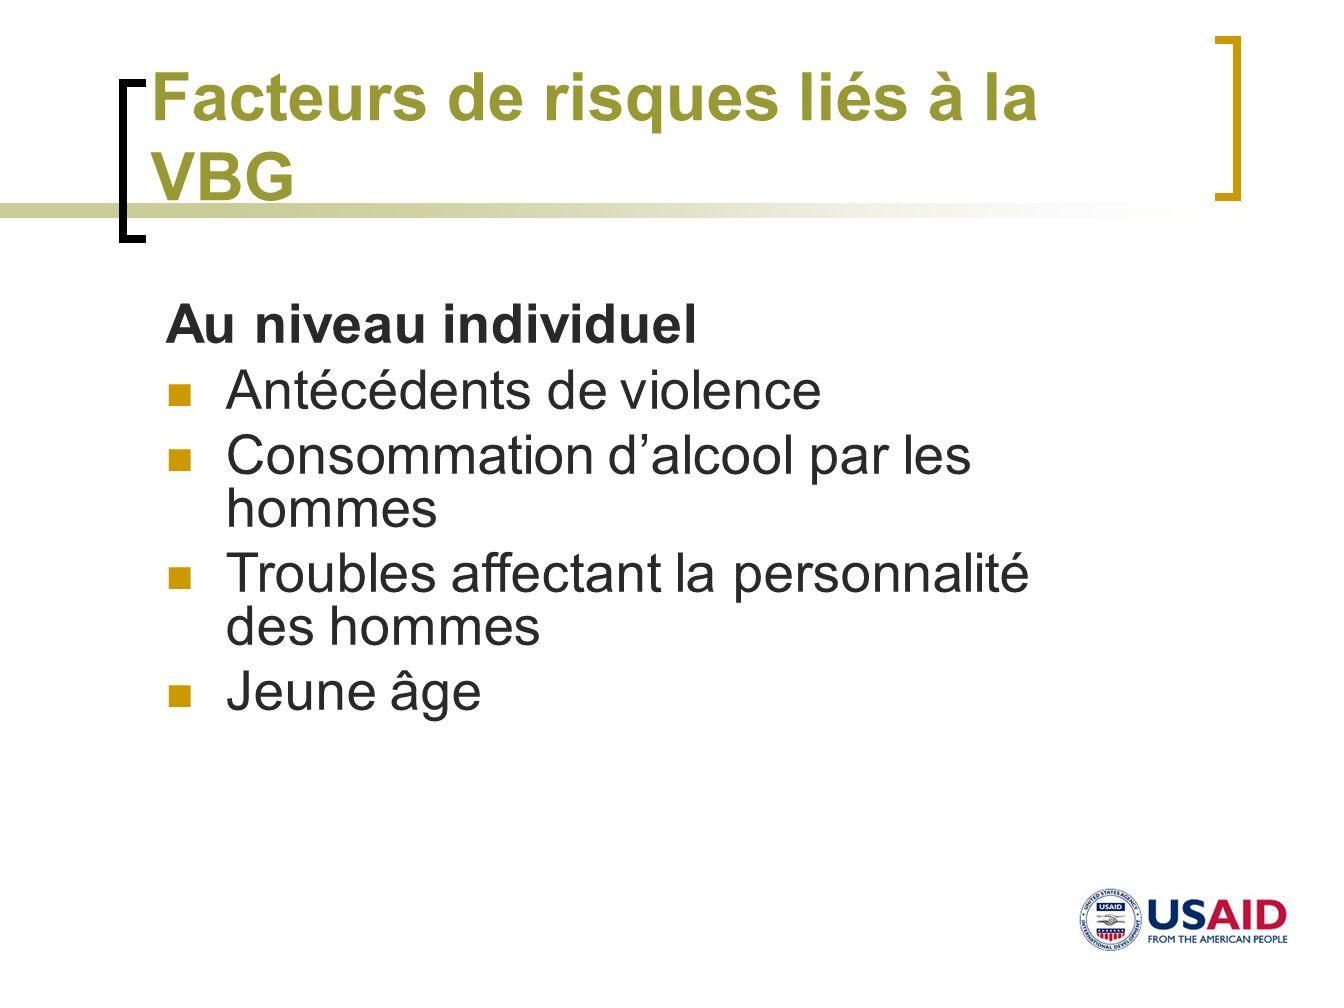 Facteurs de risques liés à la VBG